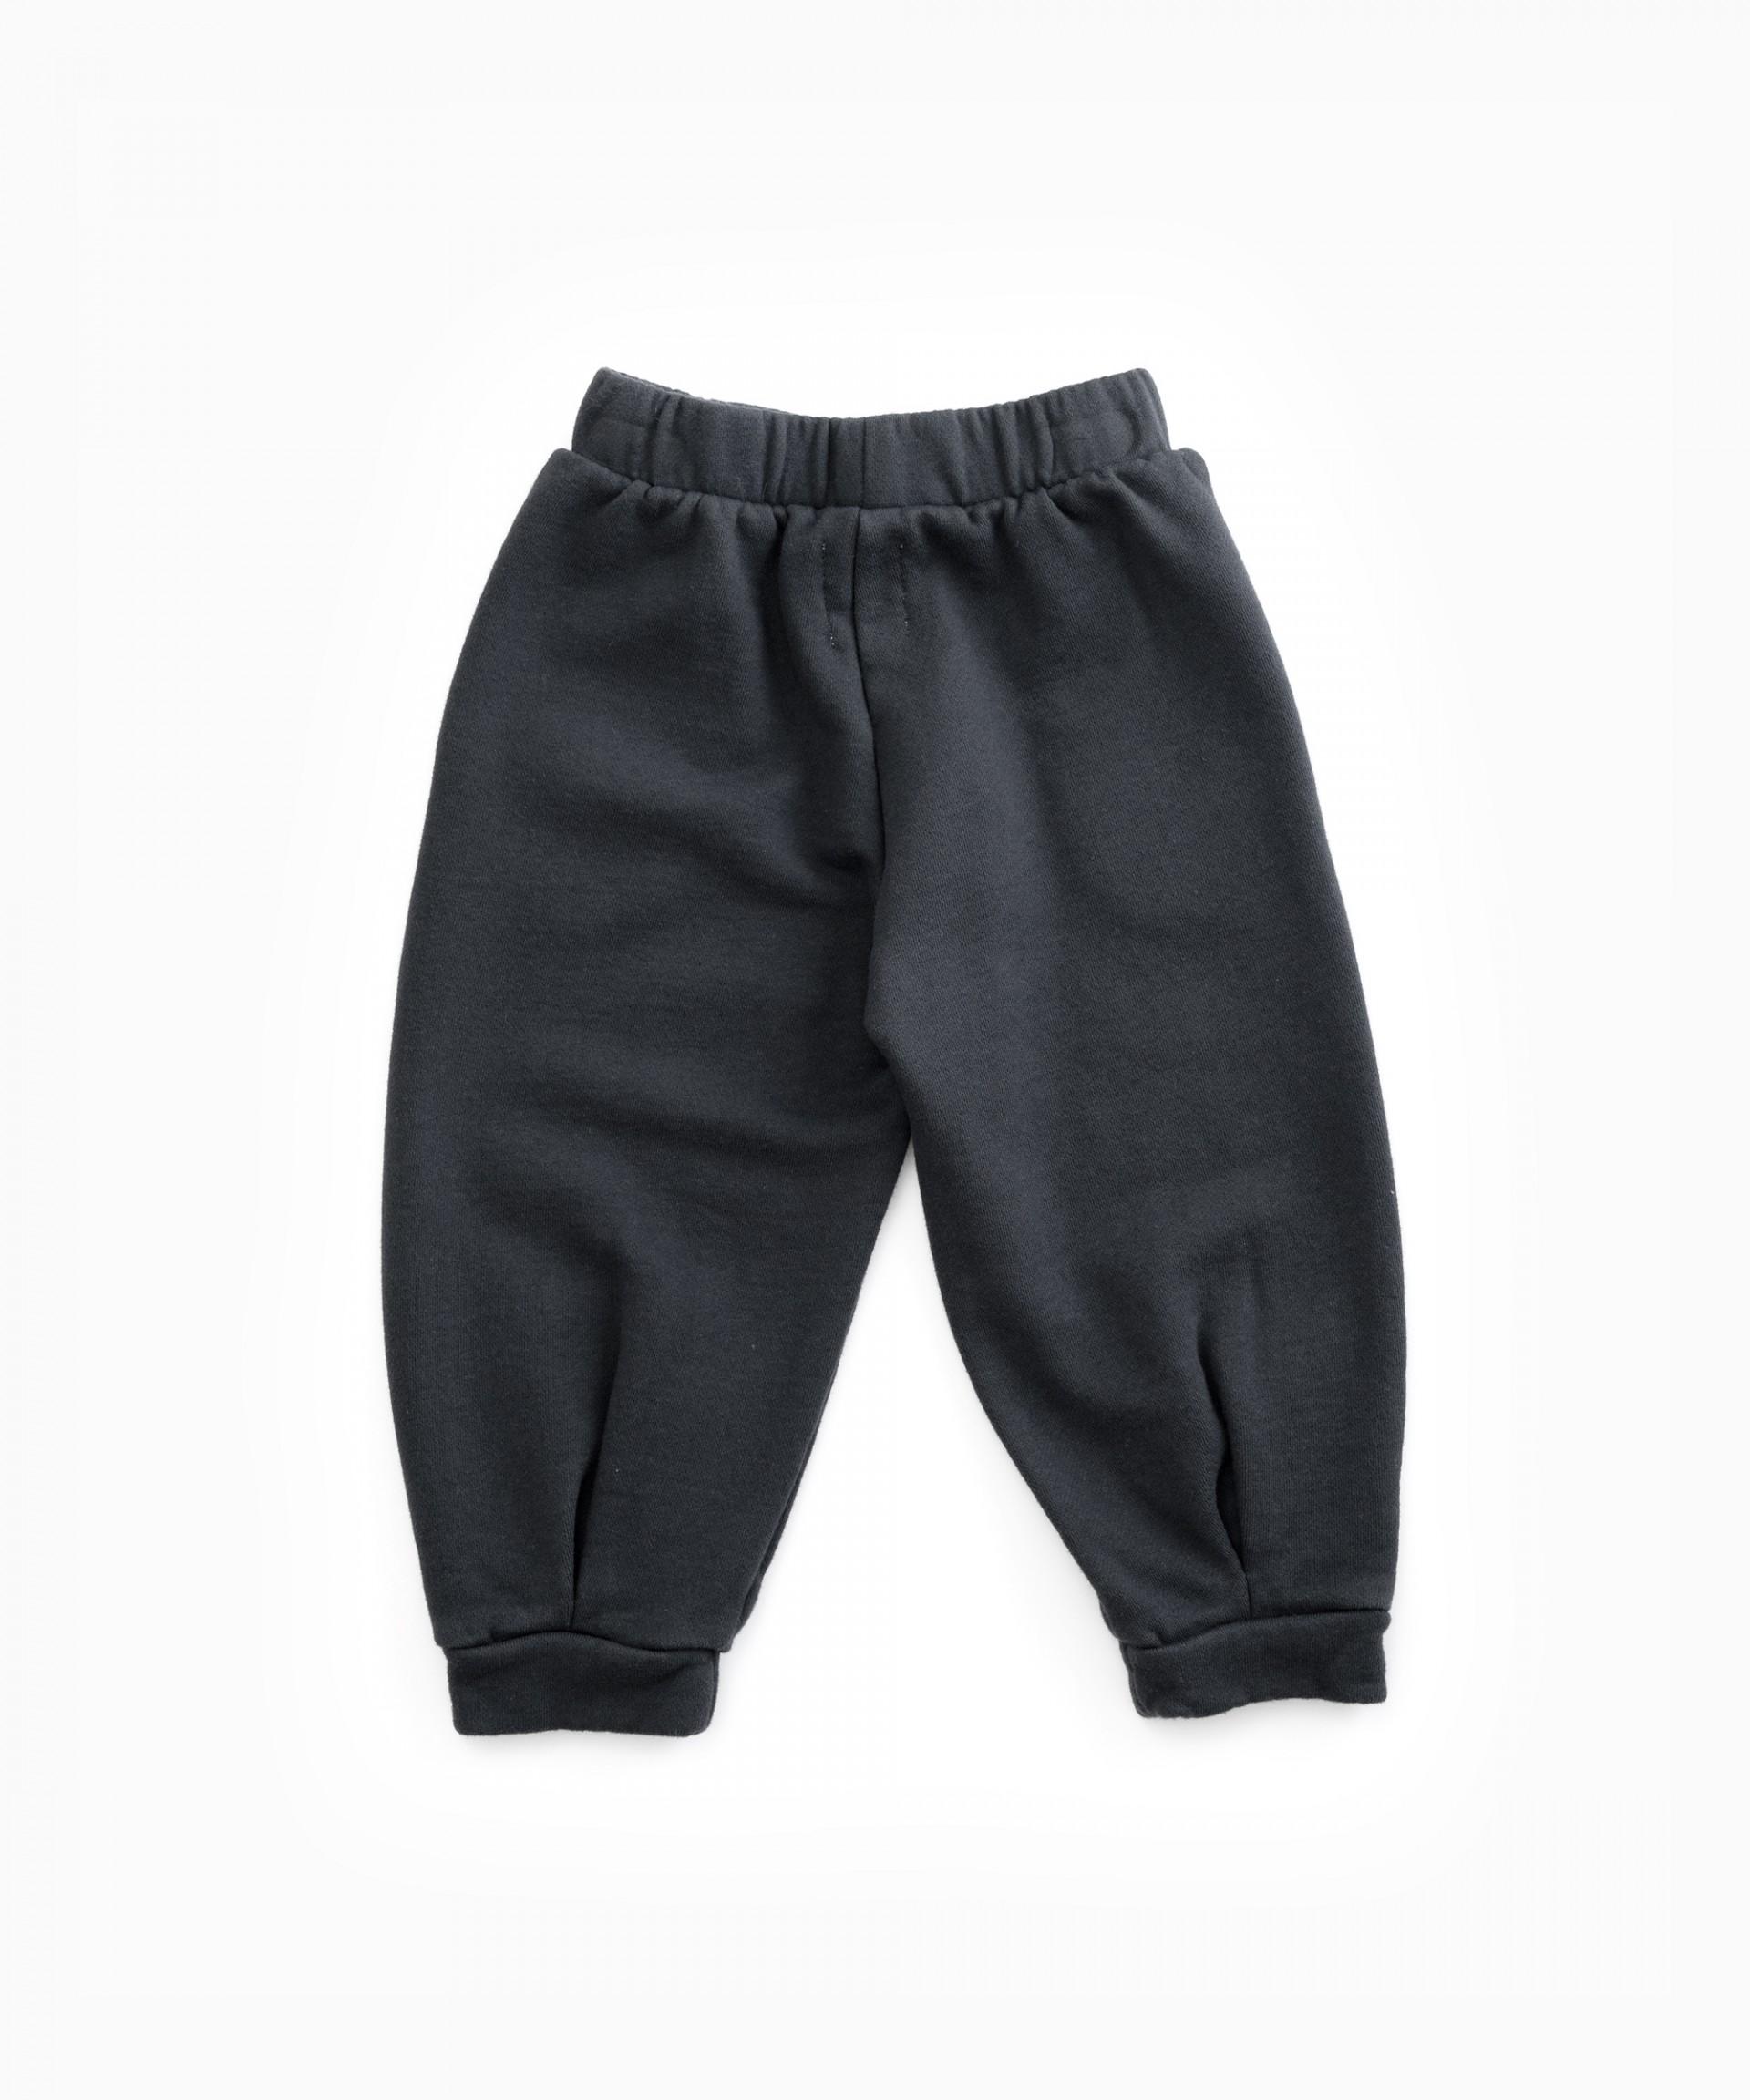 Pantalón con bolsillos | Woodwork